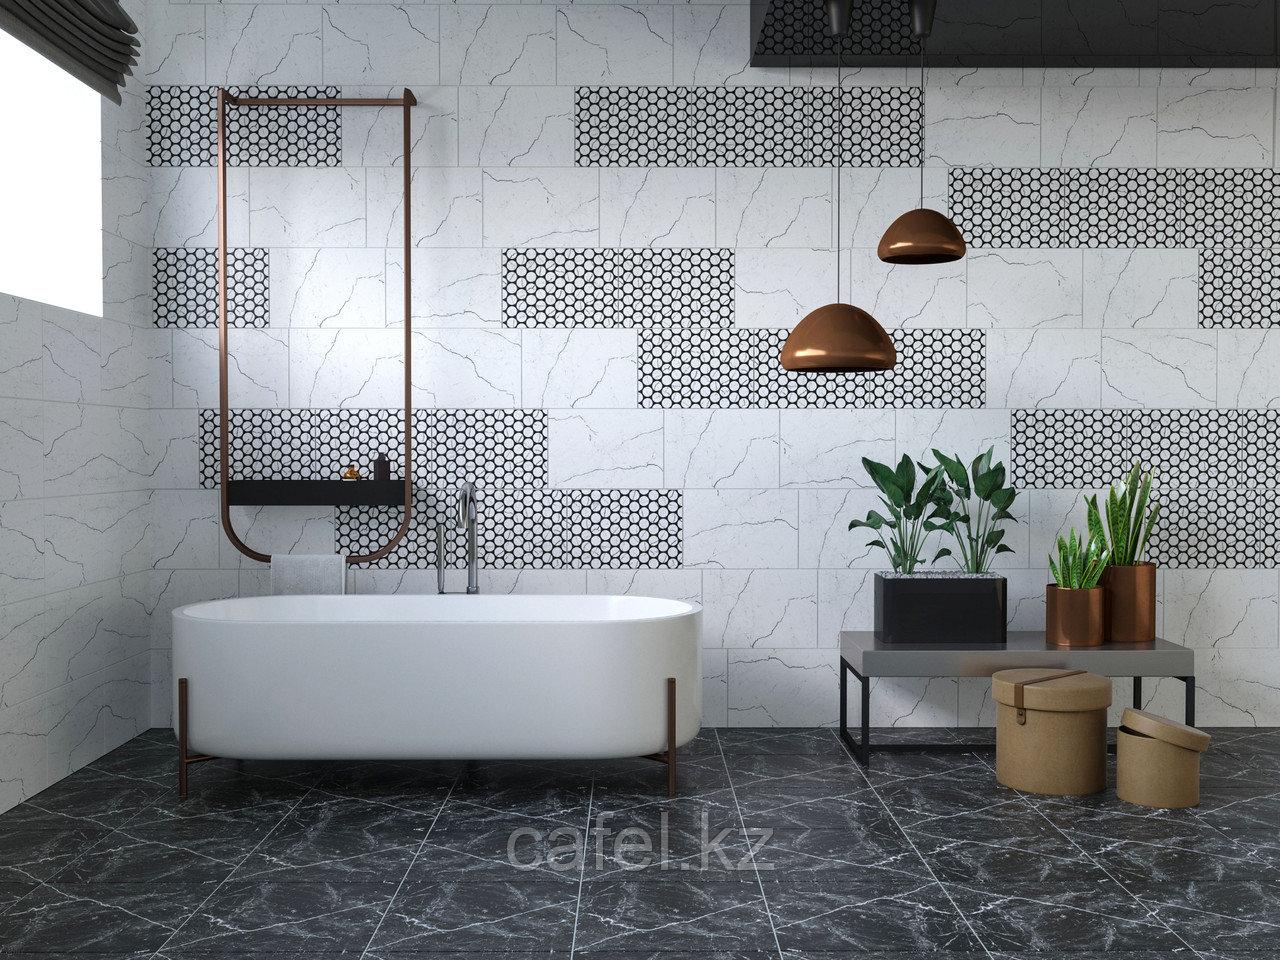 Кафель | Плитка настенная 28х40 Помпей | Pompei